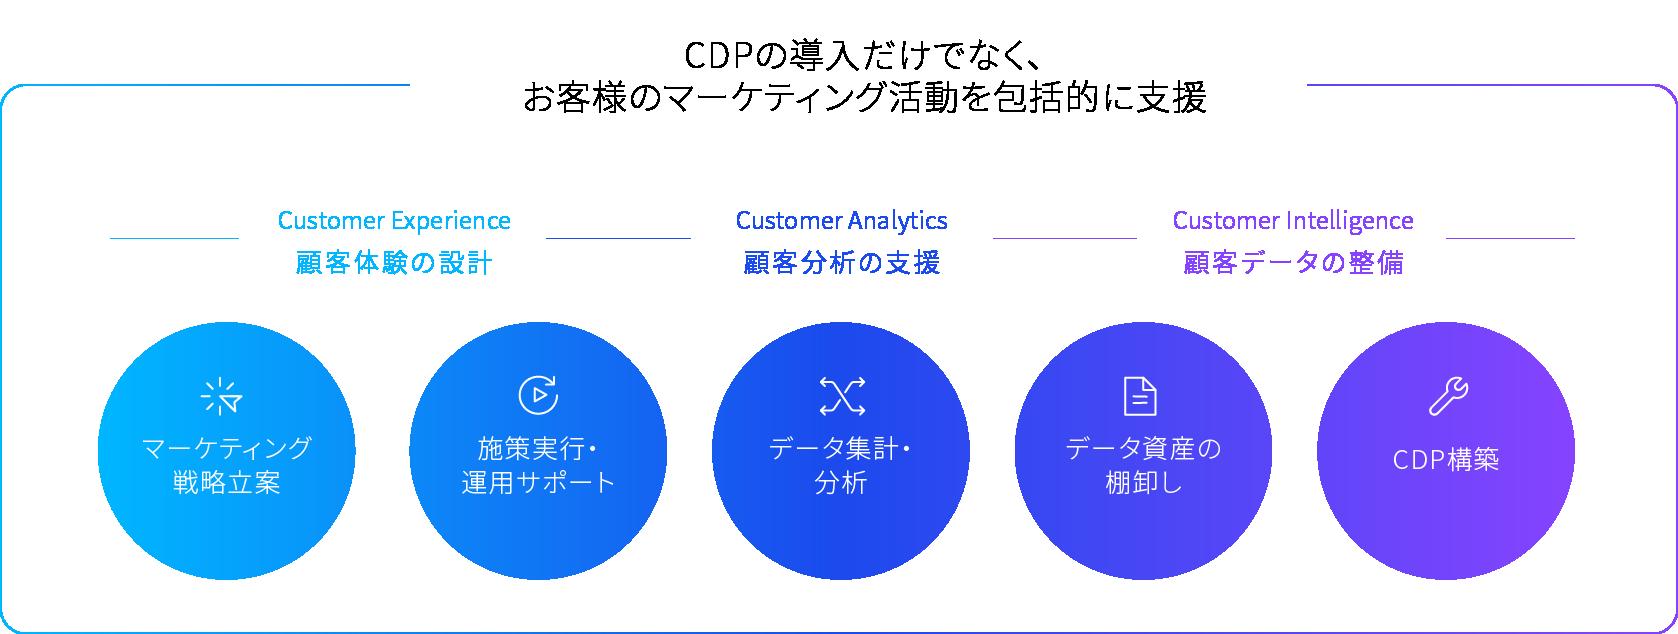 カスタマーサクセス:CDPの導入だけでなく、お客様のマーケティング活動を包括的に支援